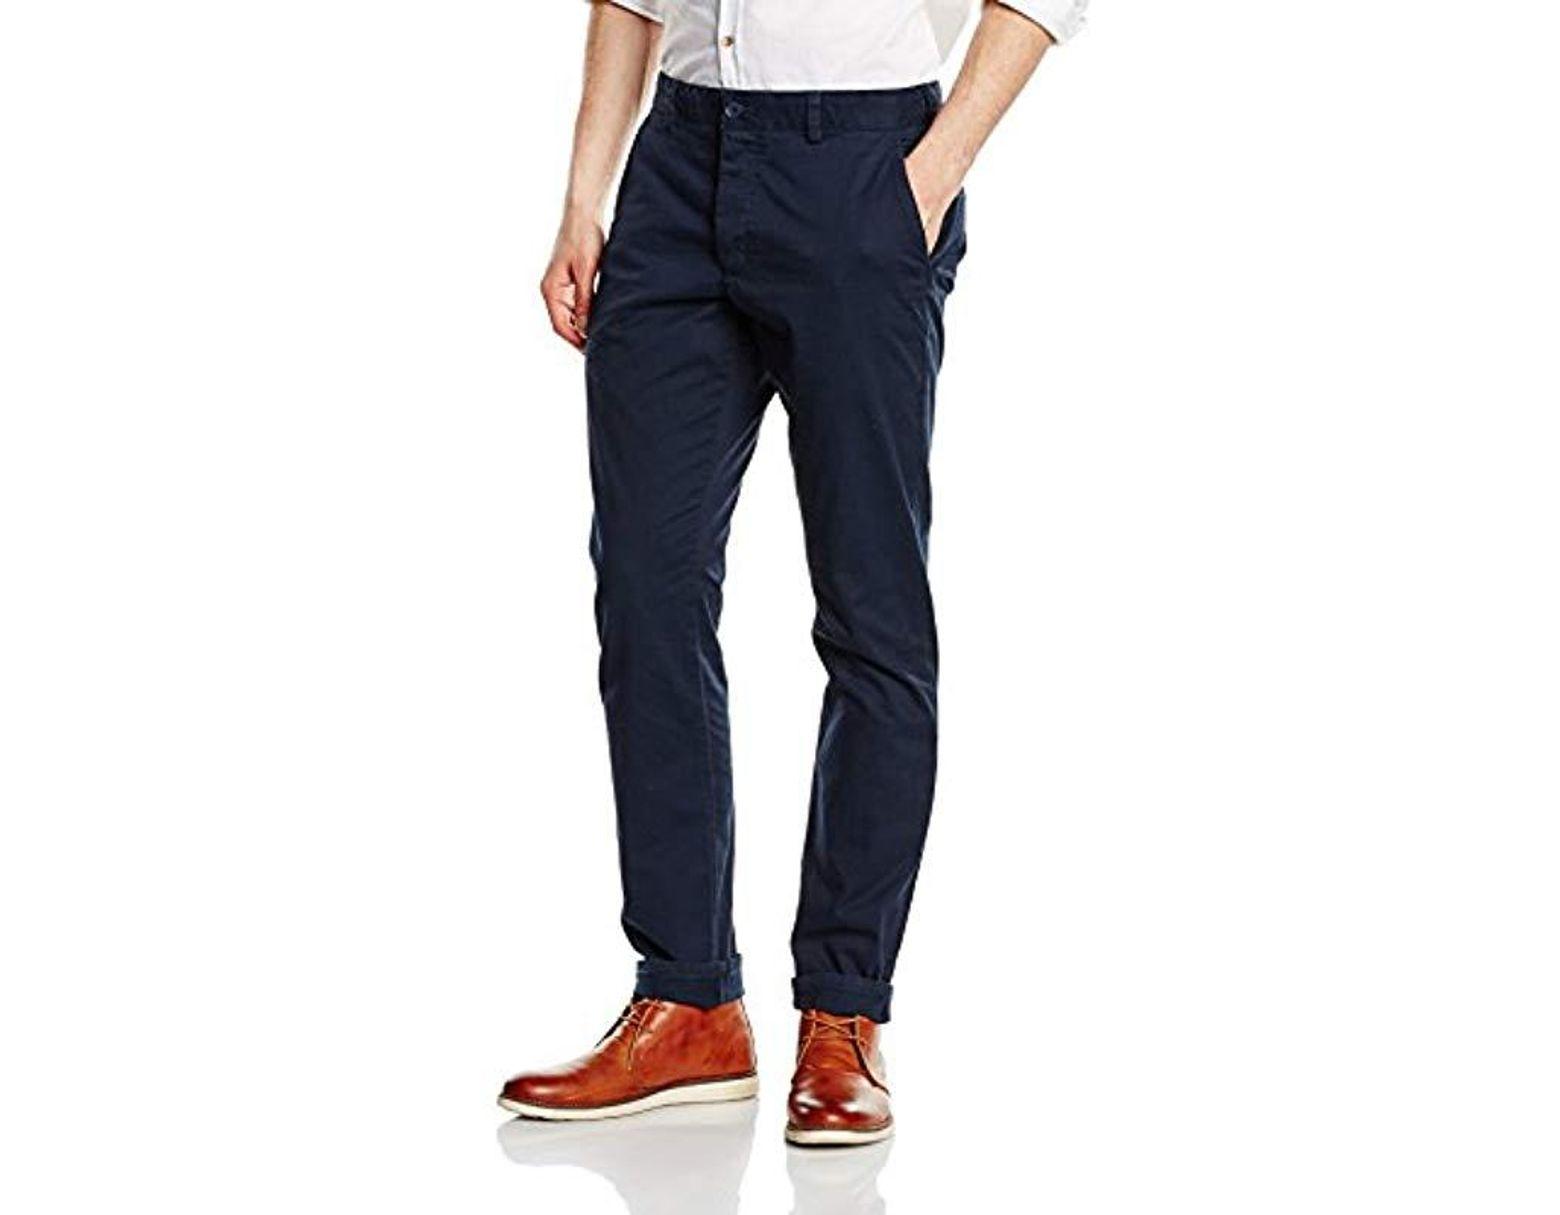 Homme Connection Bleu Pantalon Coloris Lyst Pour French En nOw80Pk